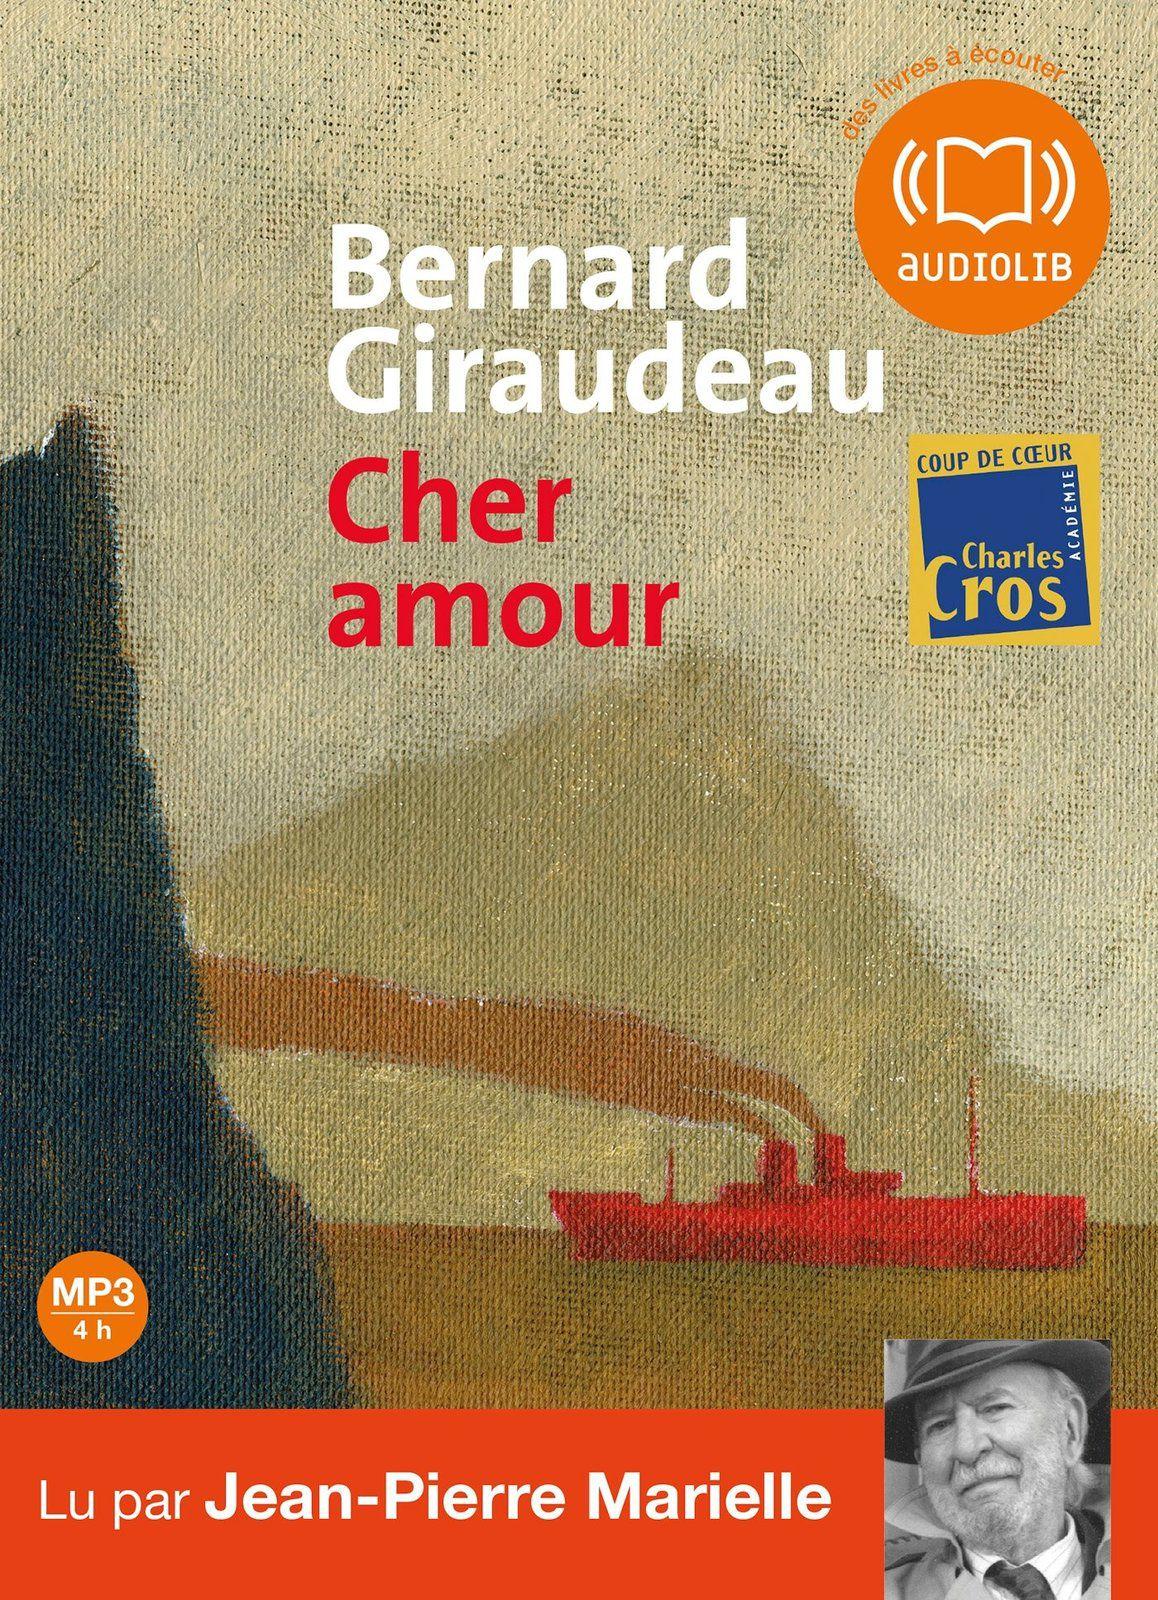 Cher amour, de Bernard Giraudu, lu par Jean-pierre Marielle.